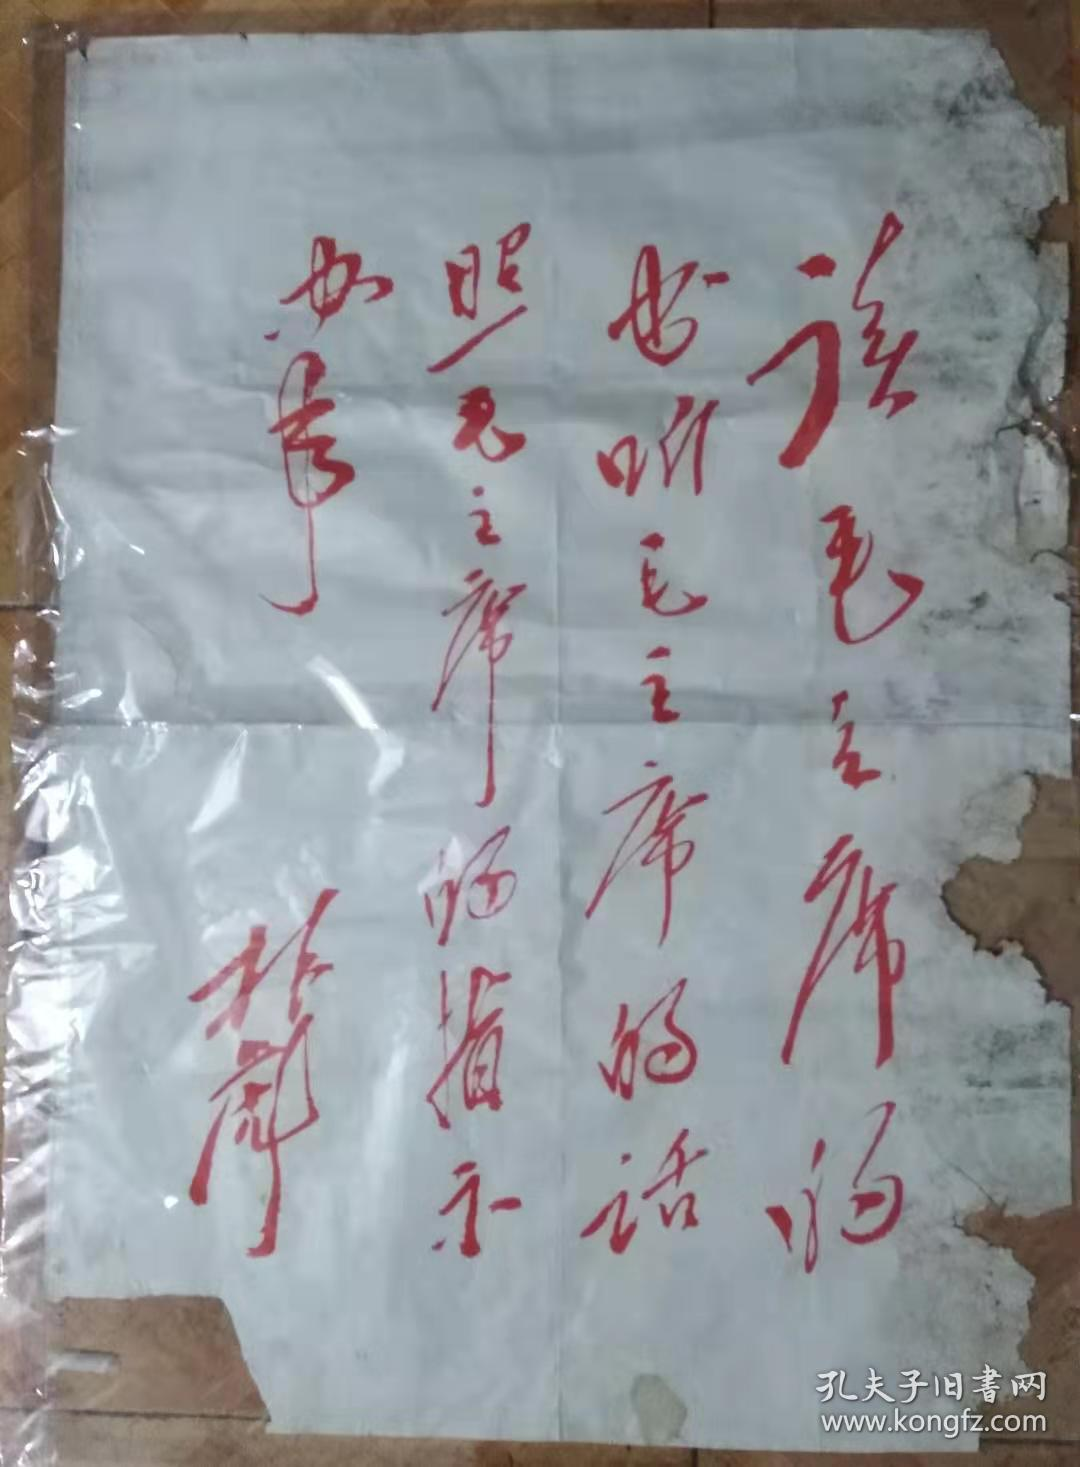 BYG05林彪题词:读毛主席的书听毛主席的话照毛主席的指示办事(保真、大幅:105*76cm)